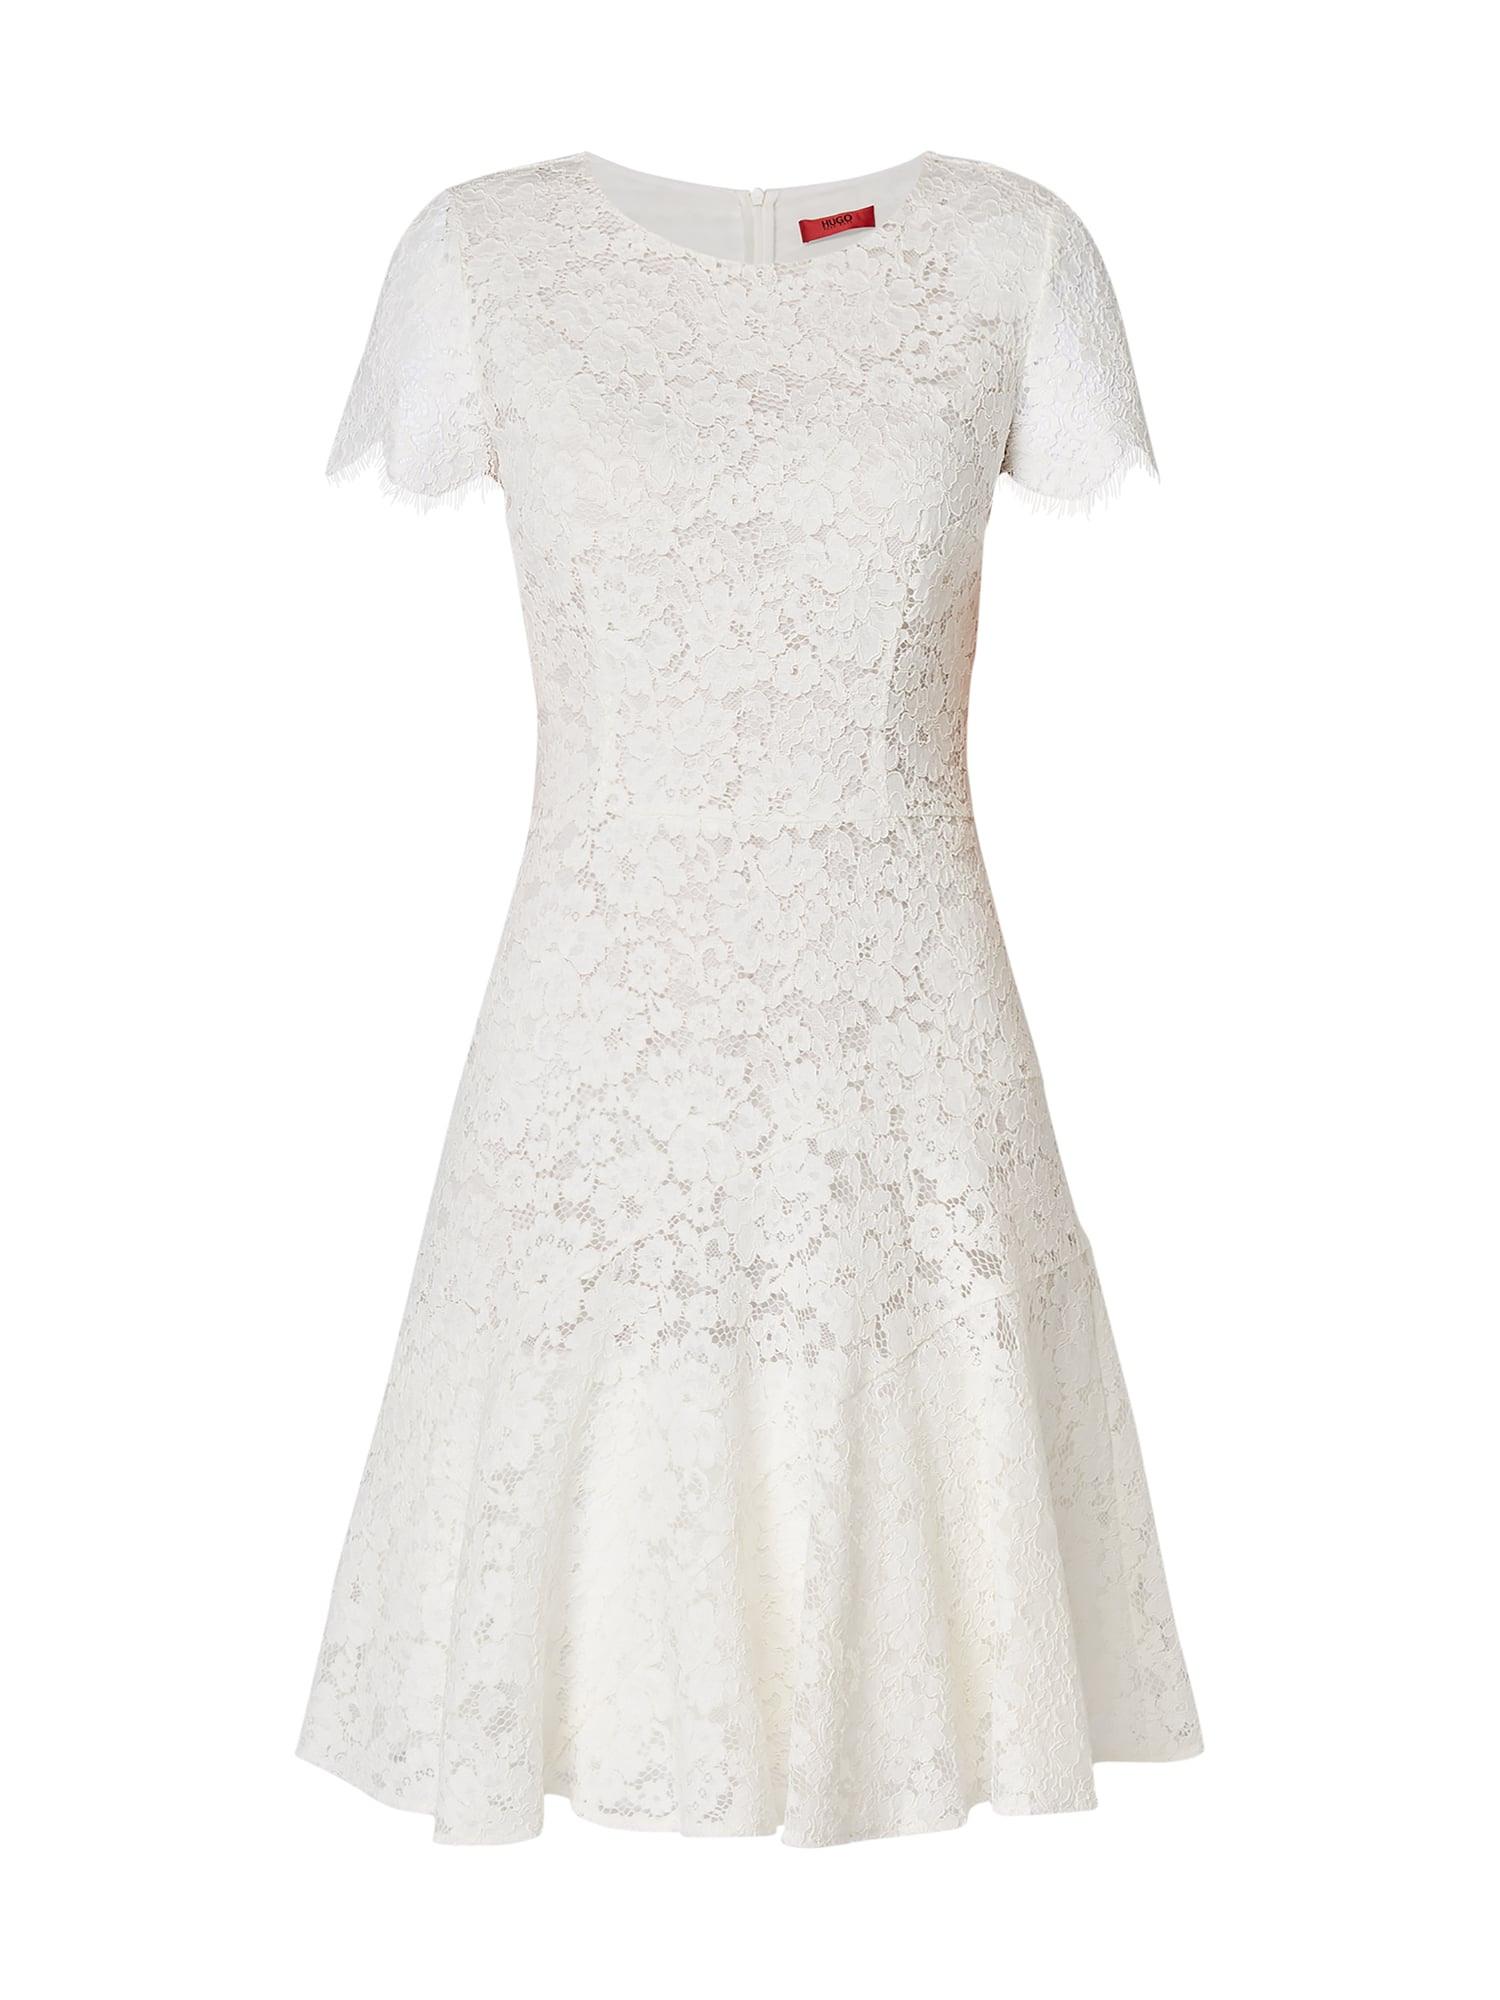 Formal Erstaunlich Konfirmationskleider Weiß DesignAbend Ausgezeichnet Konfirmationskleider Weiß Galerie